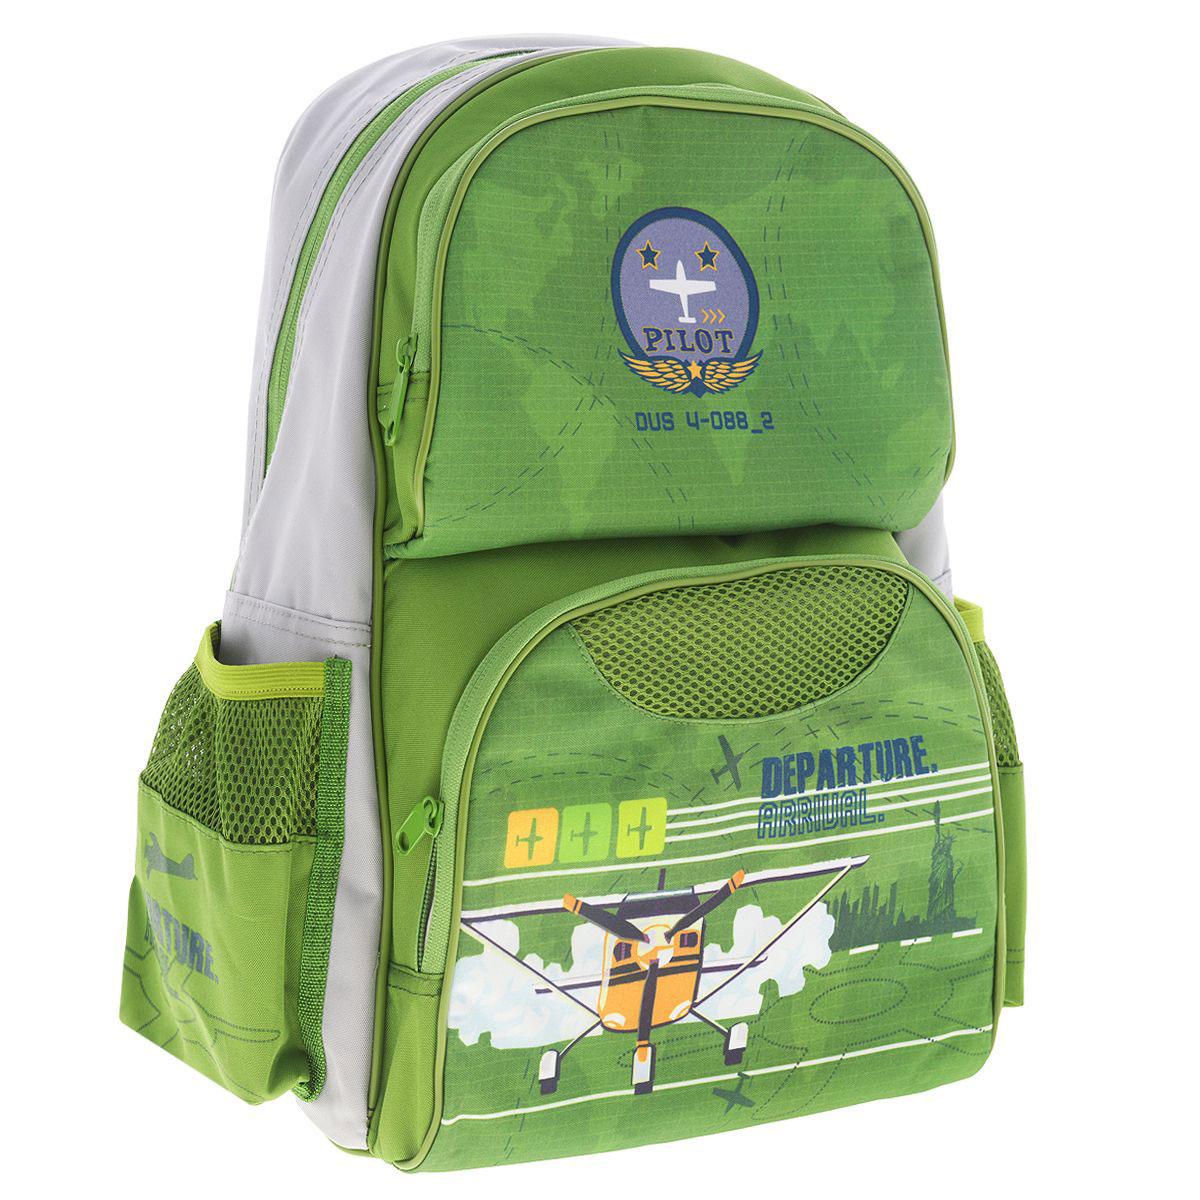 Рюкзак школьный Tiger Family My Collection, цвет: зеленый, серый2904/TGСтильный школьный рюкзак My Collection небольшого размера - это красивый и удобный ранец, который подойдет всем, кто хочет разнообразить свои школьные будни. Благодаря анатомической спинке, повторяющей контур спины и двум эргономичным плечевым ремням, длина которых регулируется, у ребенка не возникнут проблемы с позвоночником. Ранец, выполненный из антибактериального, водоотталкивающего и не выгорающего на солнце материала, оформлен изображением самолета. Ранец состоит из одного основного отделения, закрывающегося на застежку-молнию. Внутри - накладной открытый карман. На внешней стороне рюкзак имеет два дополнительных кармана на застежке-молнии. По бокам рюкзак имеет два сетчатых кармана. Также есть текстильная ручка, с прорезиненной вставкой, для удобной переноски.